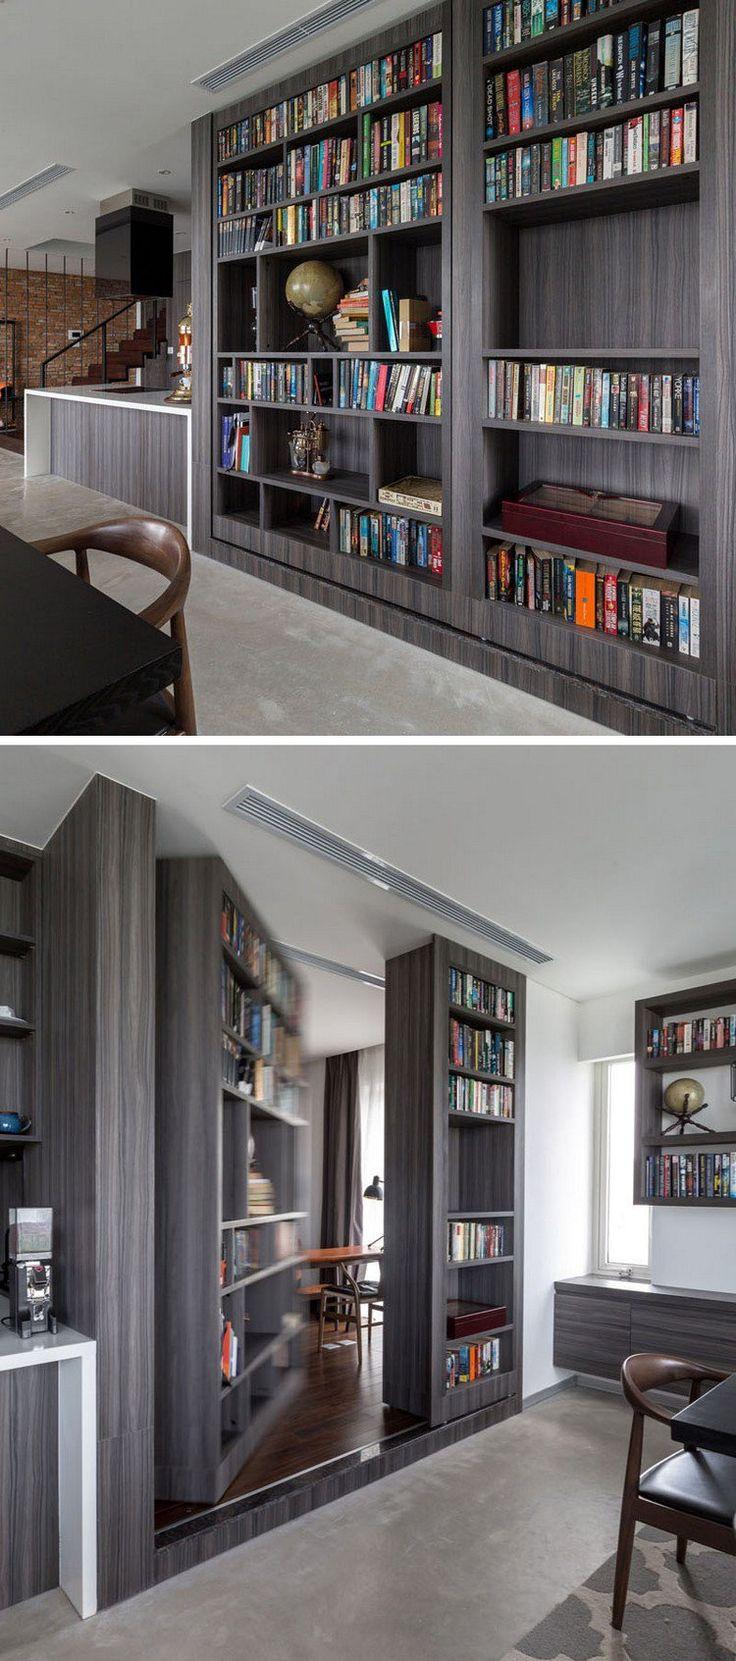 les 25 meilleures id es de la cat gorie porte de biblioth que cach e sur pinterest portes de. Black Bedroom Furniture Sets. Home Design Ideas